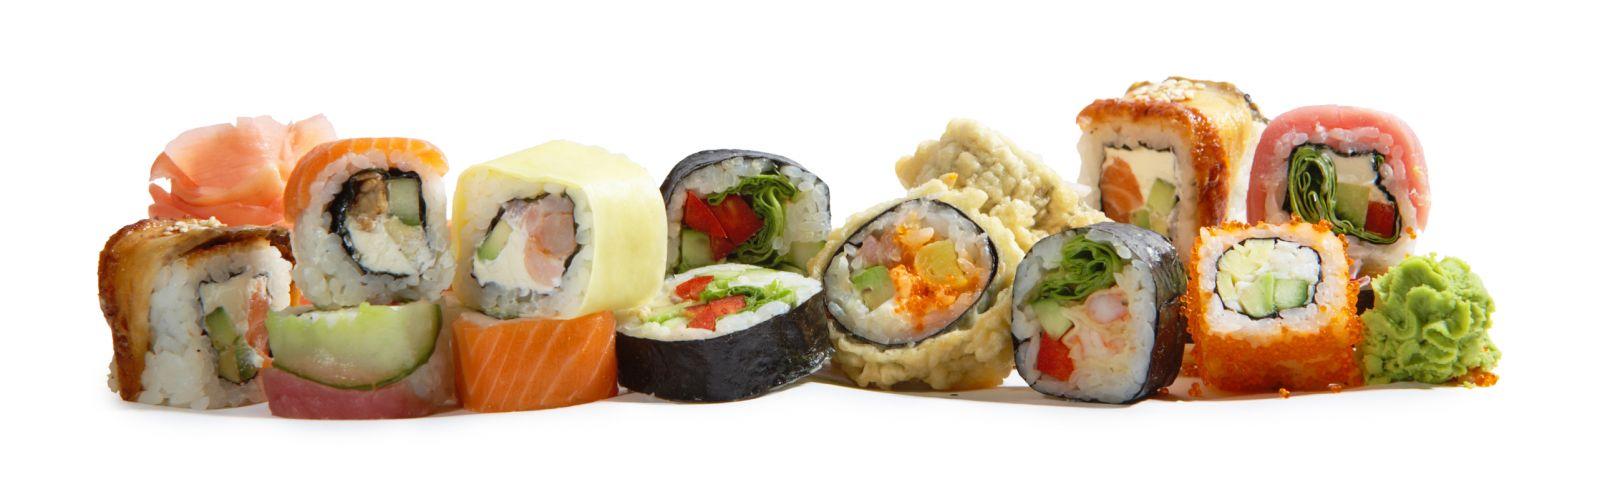 Тренд в диетологии: суши-диета - фото №1